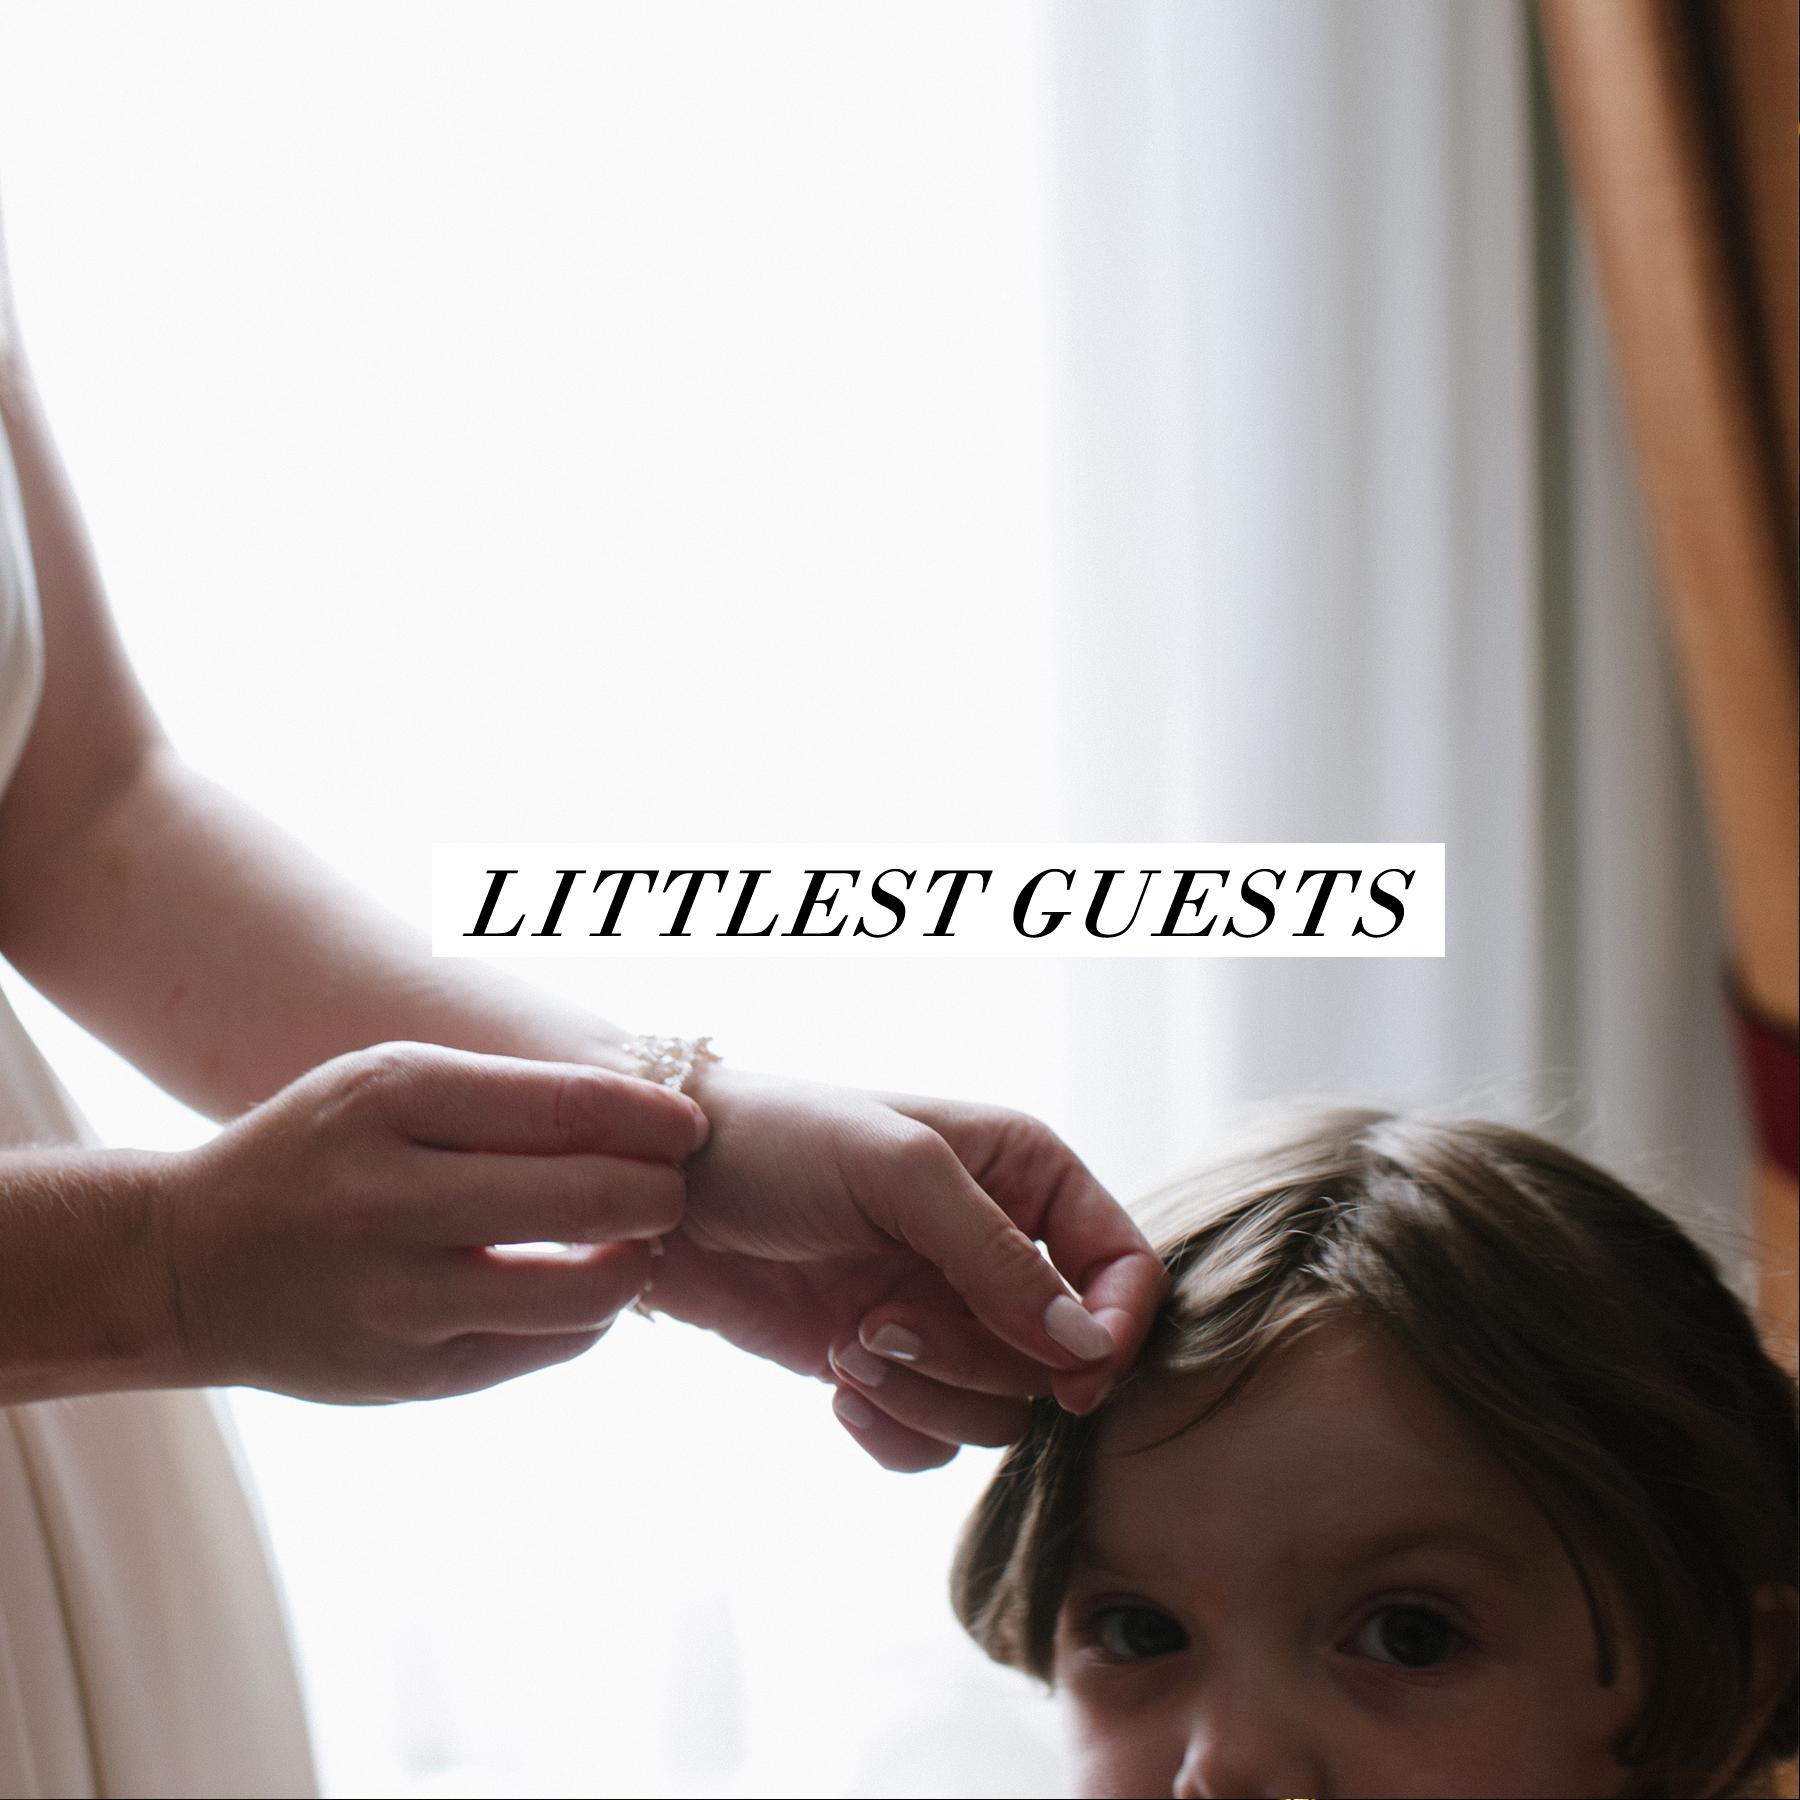 Littlest guests.jpg